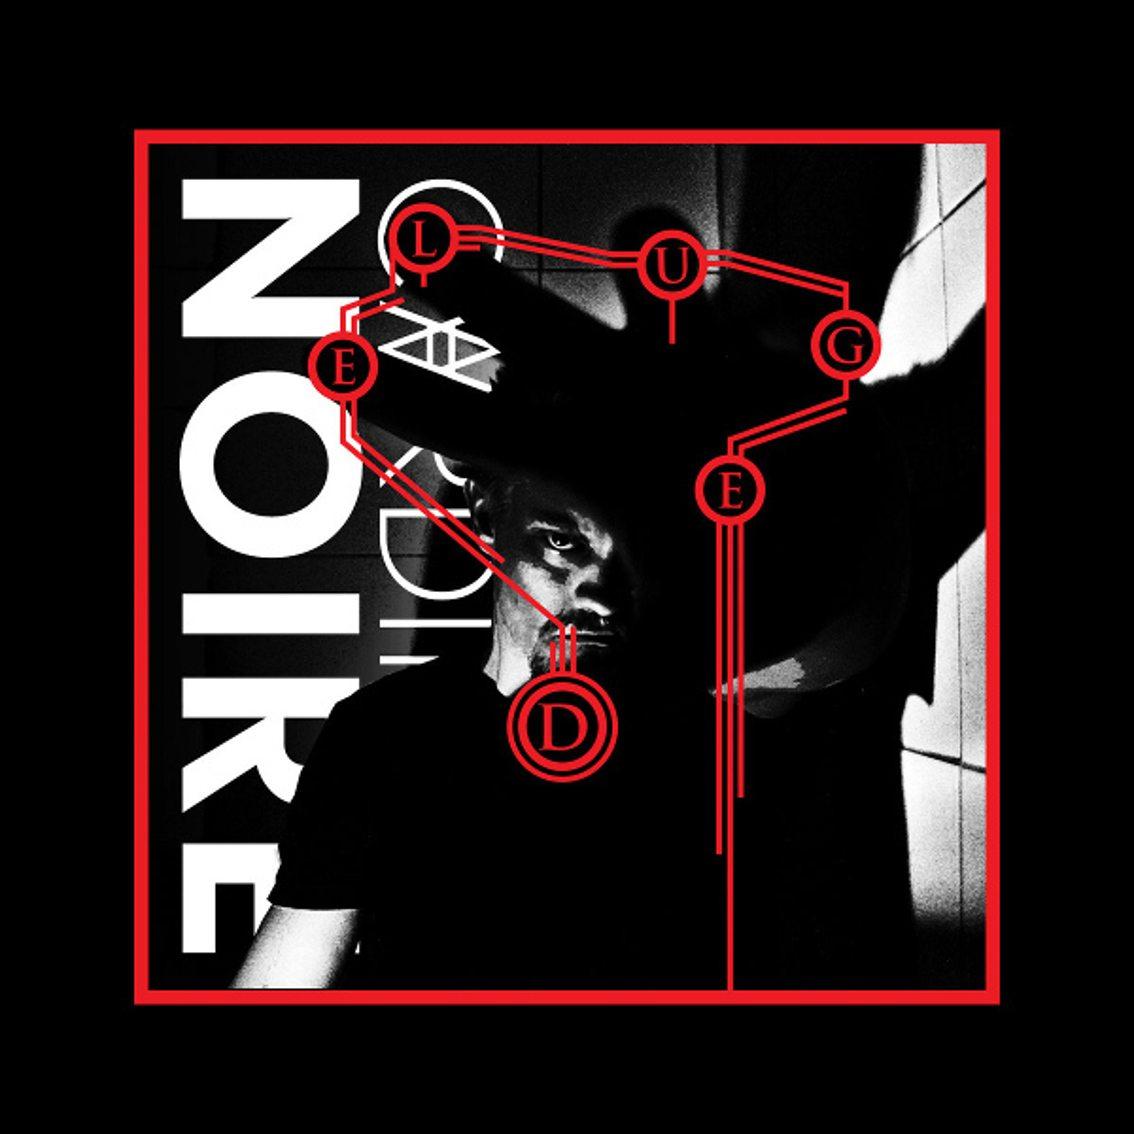 Cardinal Noire returns with'Deluge' album